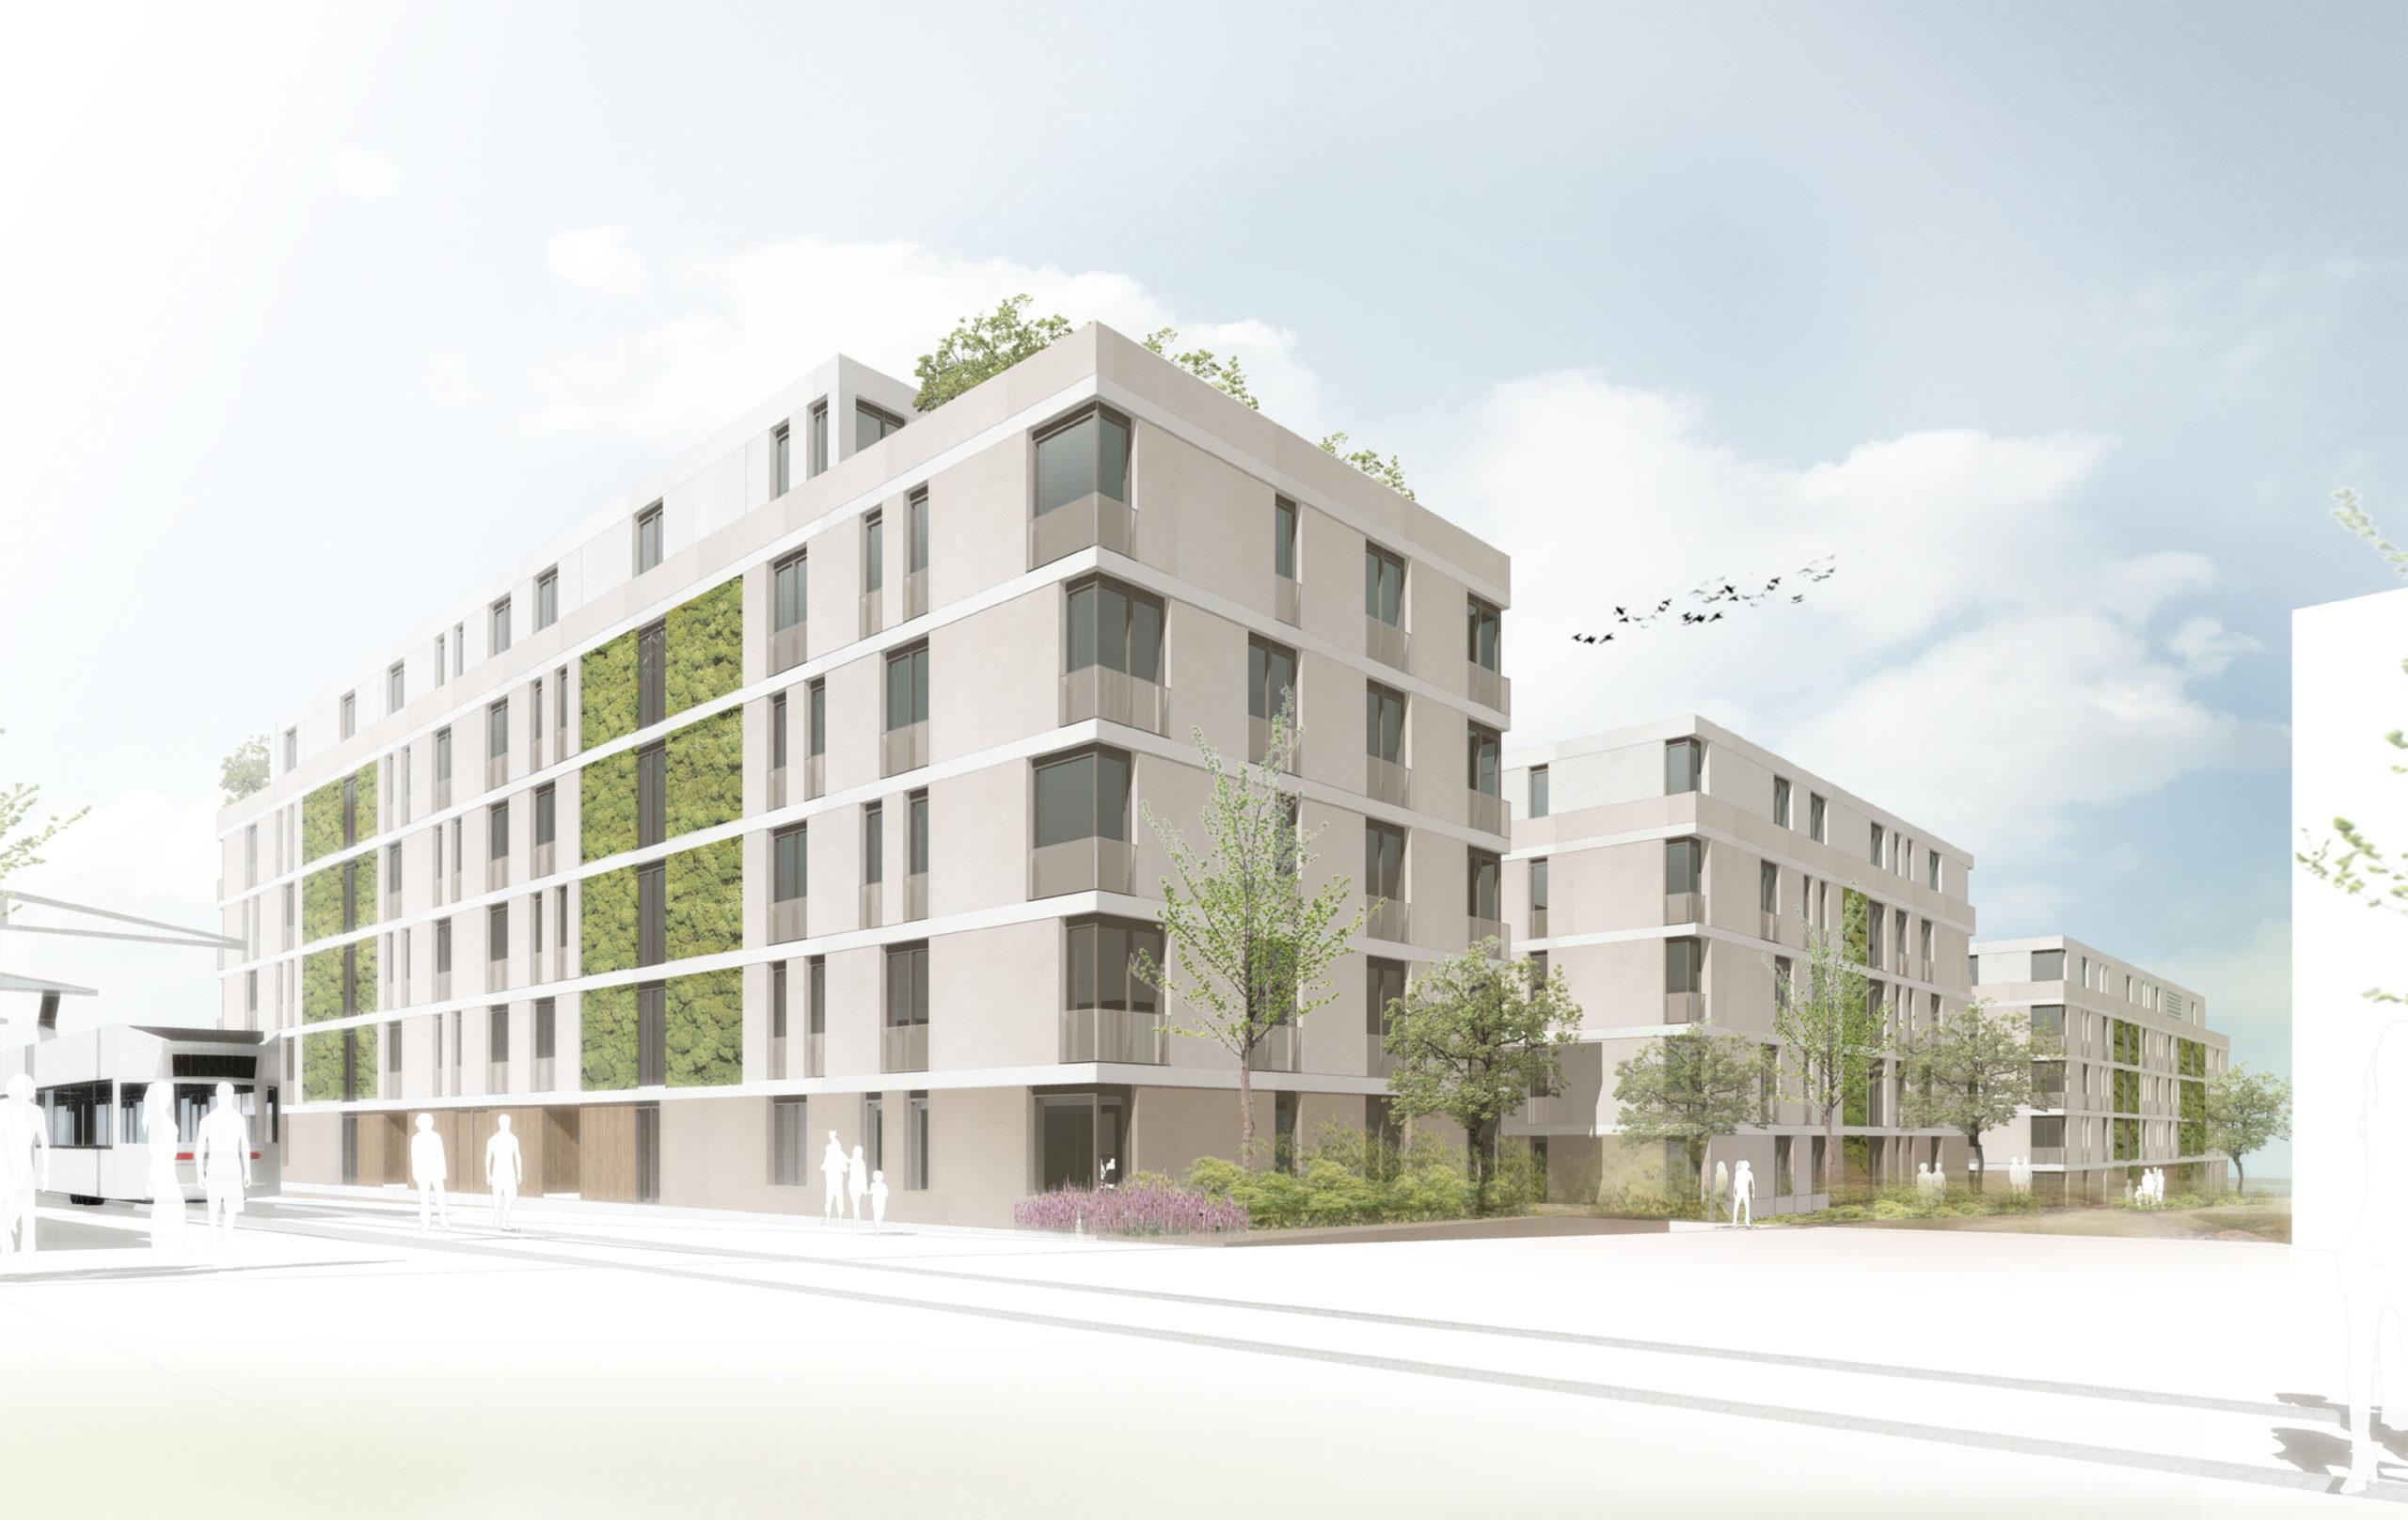 Perspektive Wettbewerb Quartier Ludwigshöhe in Darmstadt von Bitsch+Bienstein Architekten